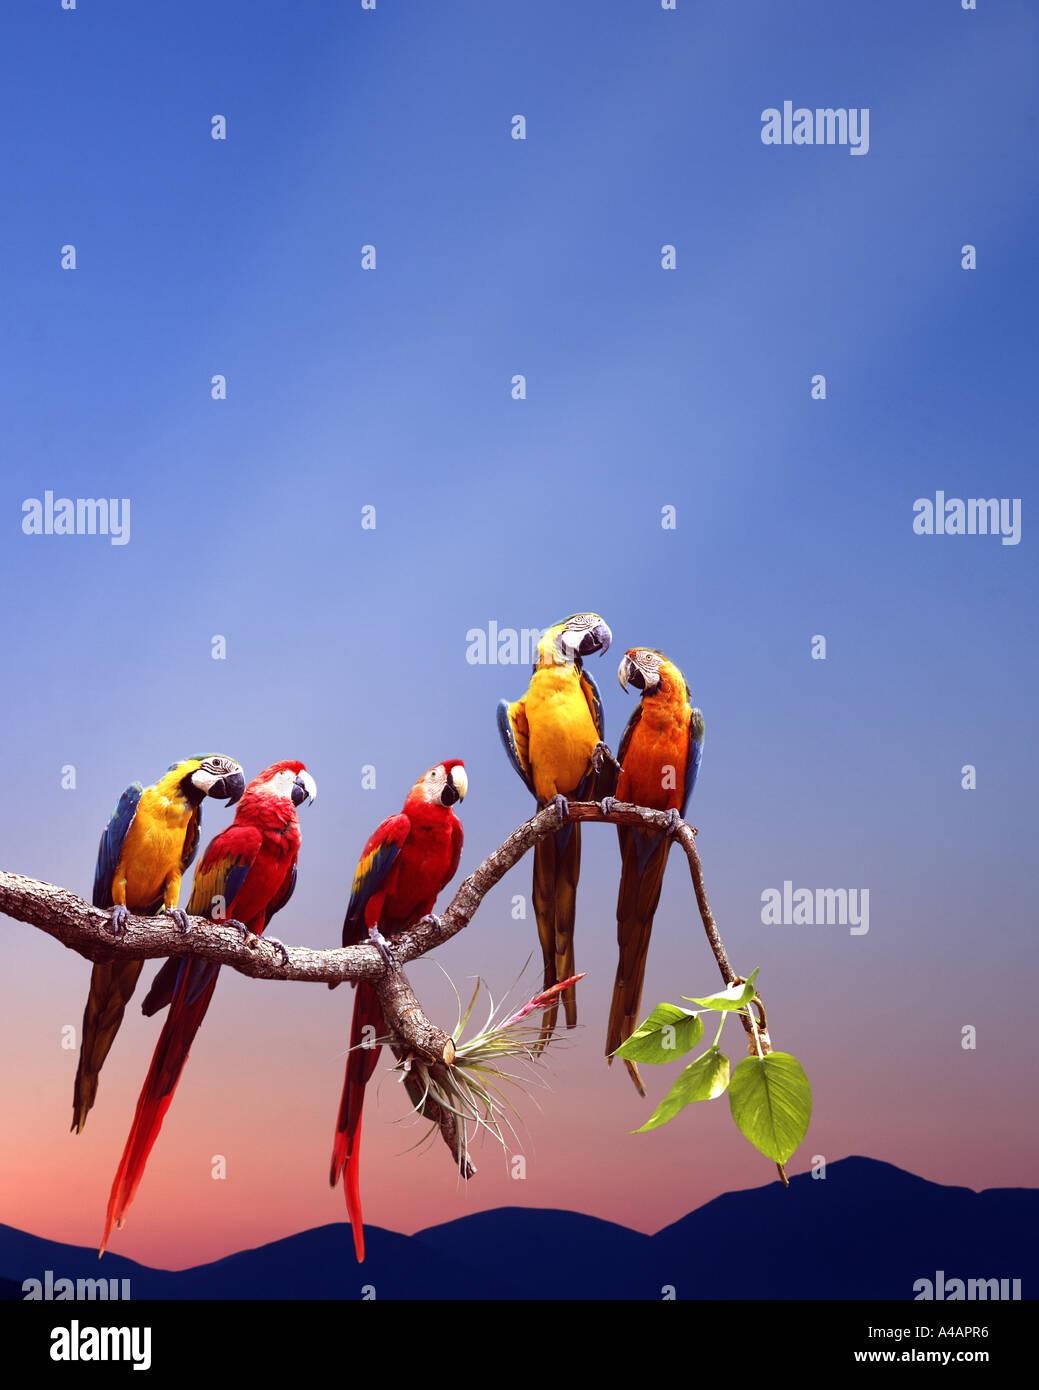 Fauna selvatica: pappagalli seduti su di un ramo Immagini Stock